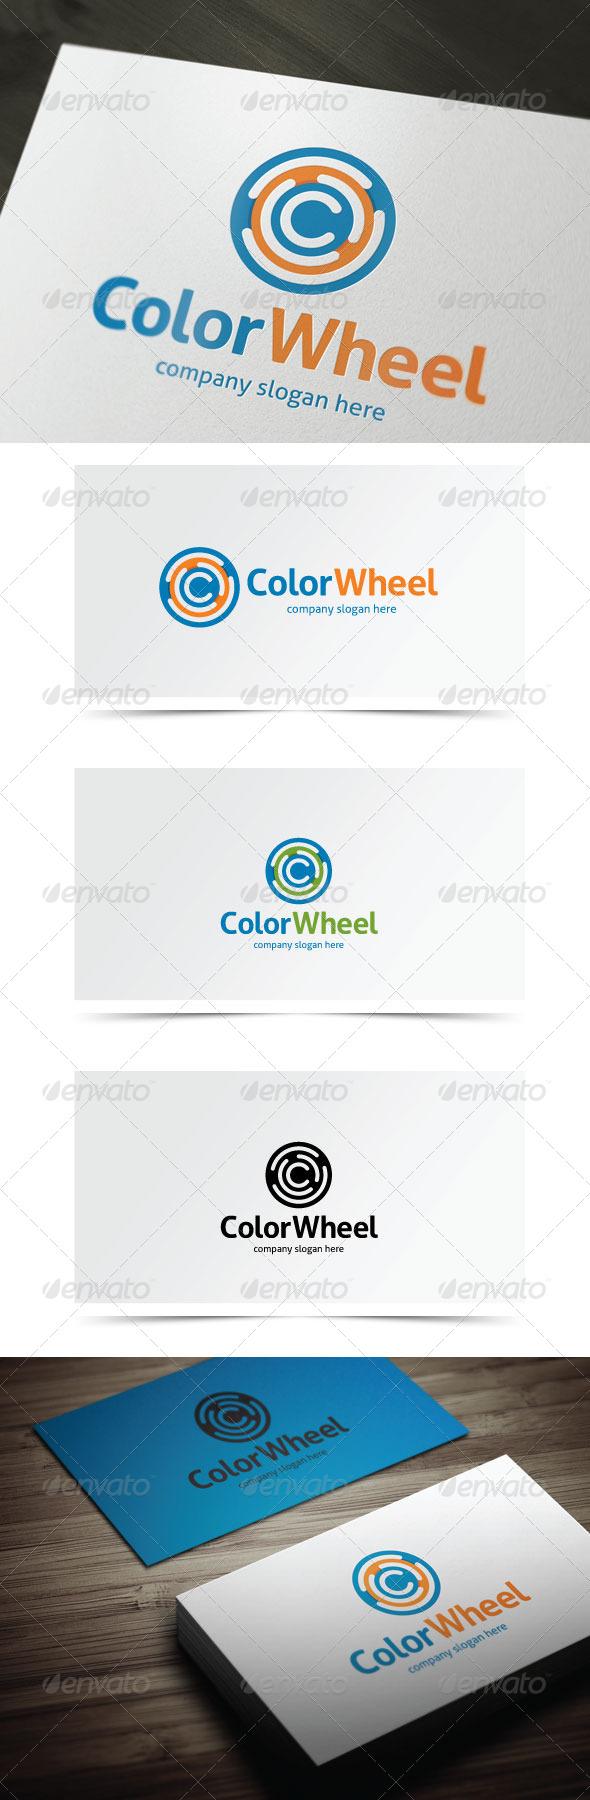 GraphicRiver Color Wheel 6363830